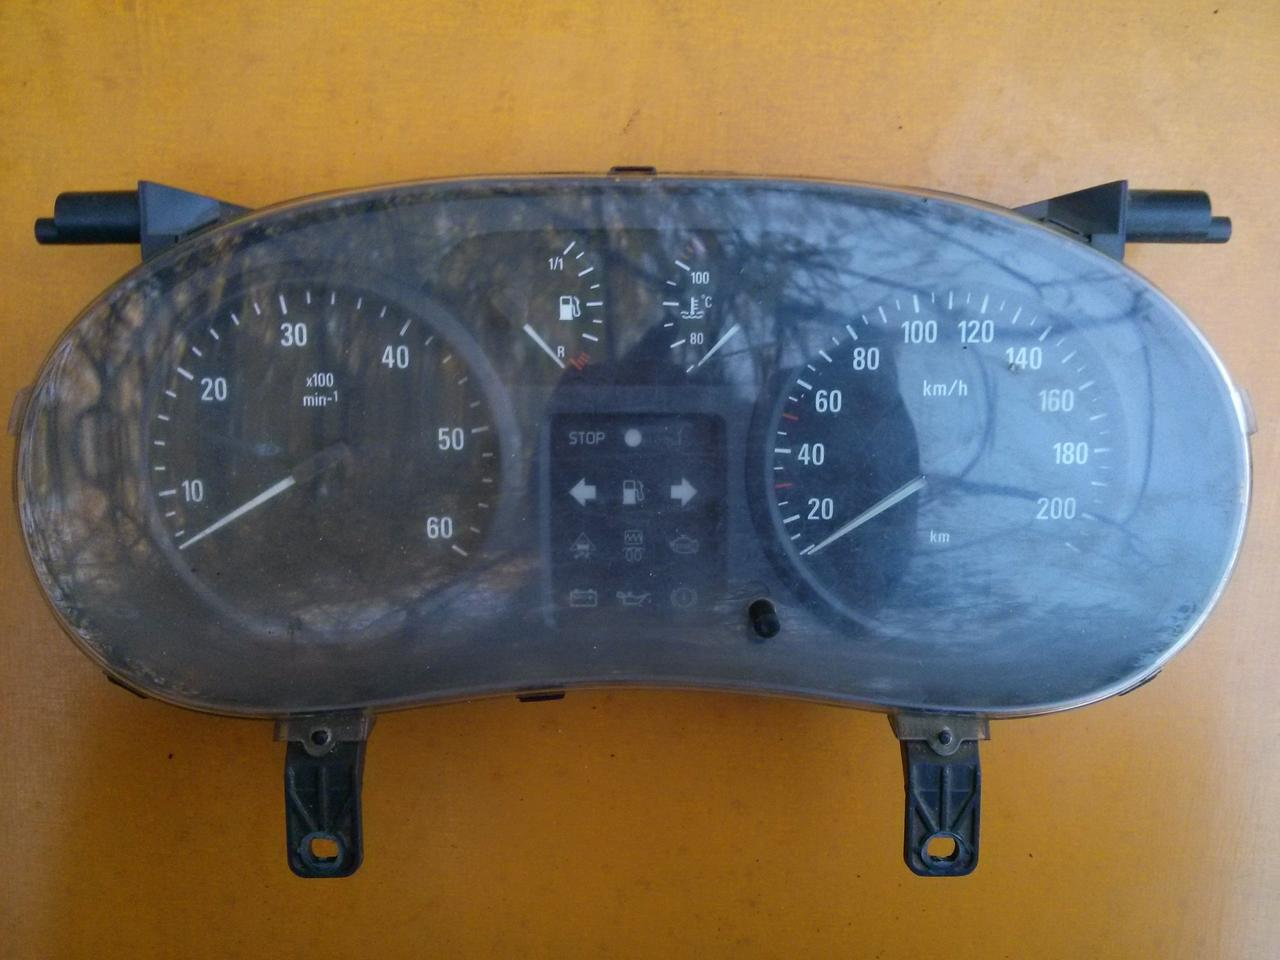 Спідометр механічний Renault Trafic, Opel Vivaro 2001-2006, 8200279068 (Б/У)